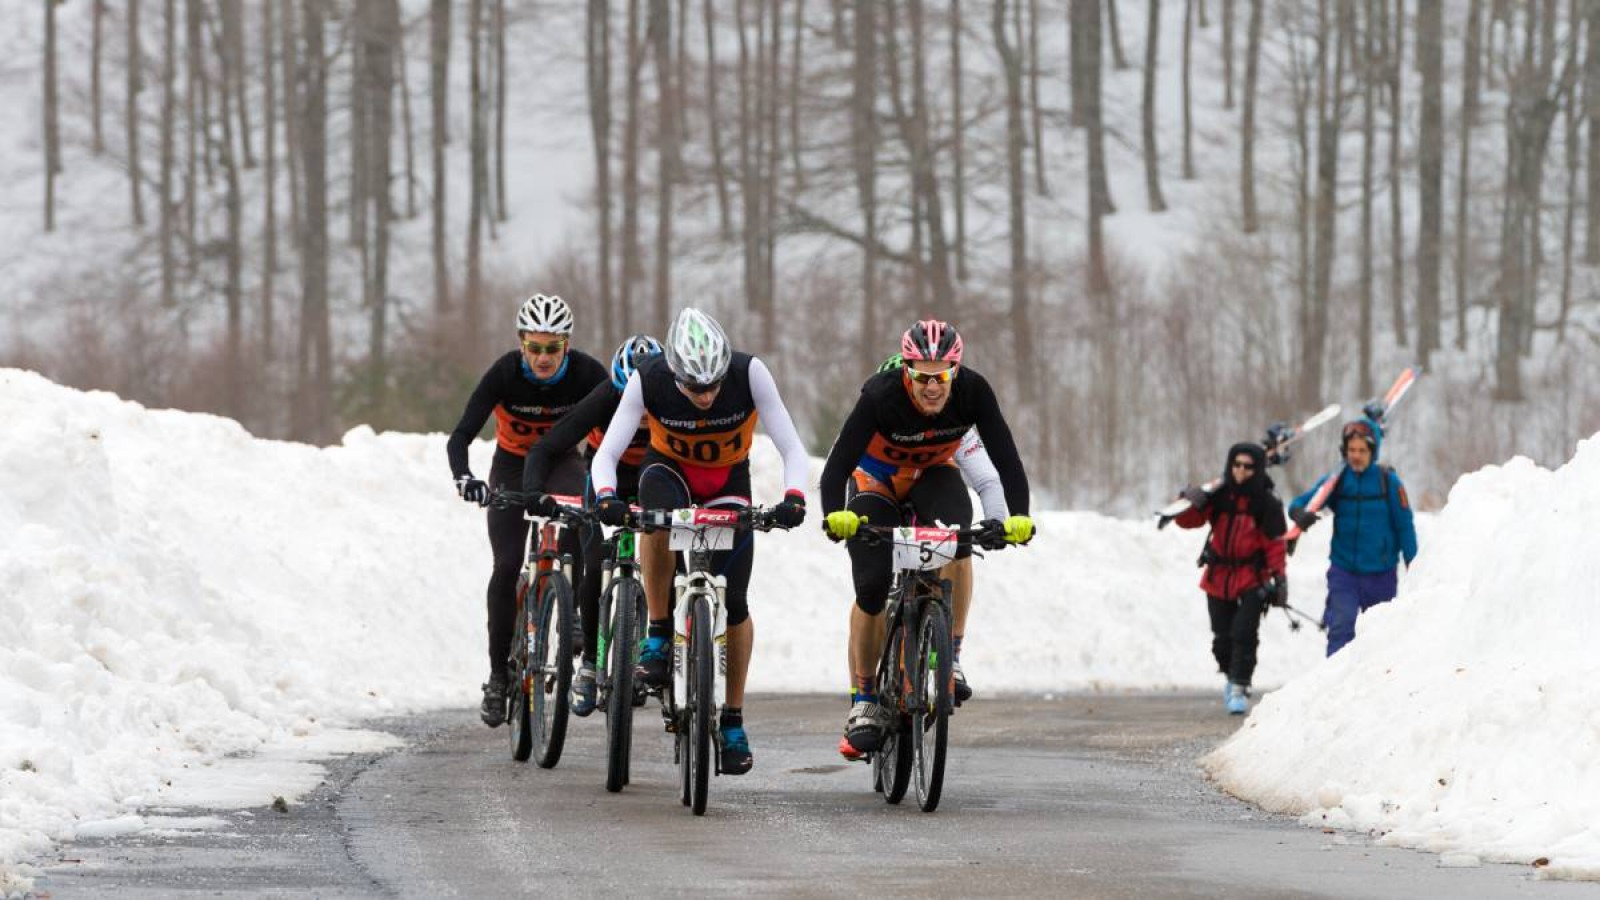 suplementos-ciclismo-invierno/